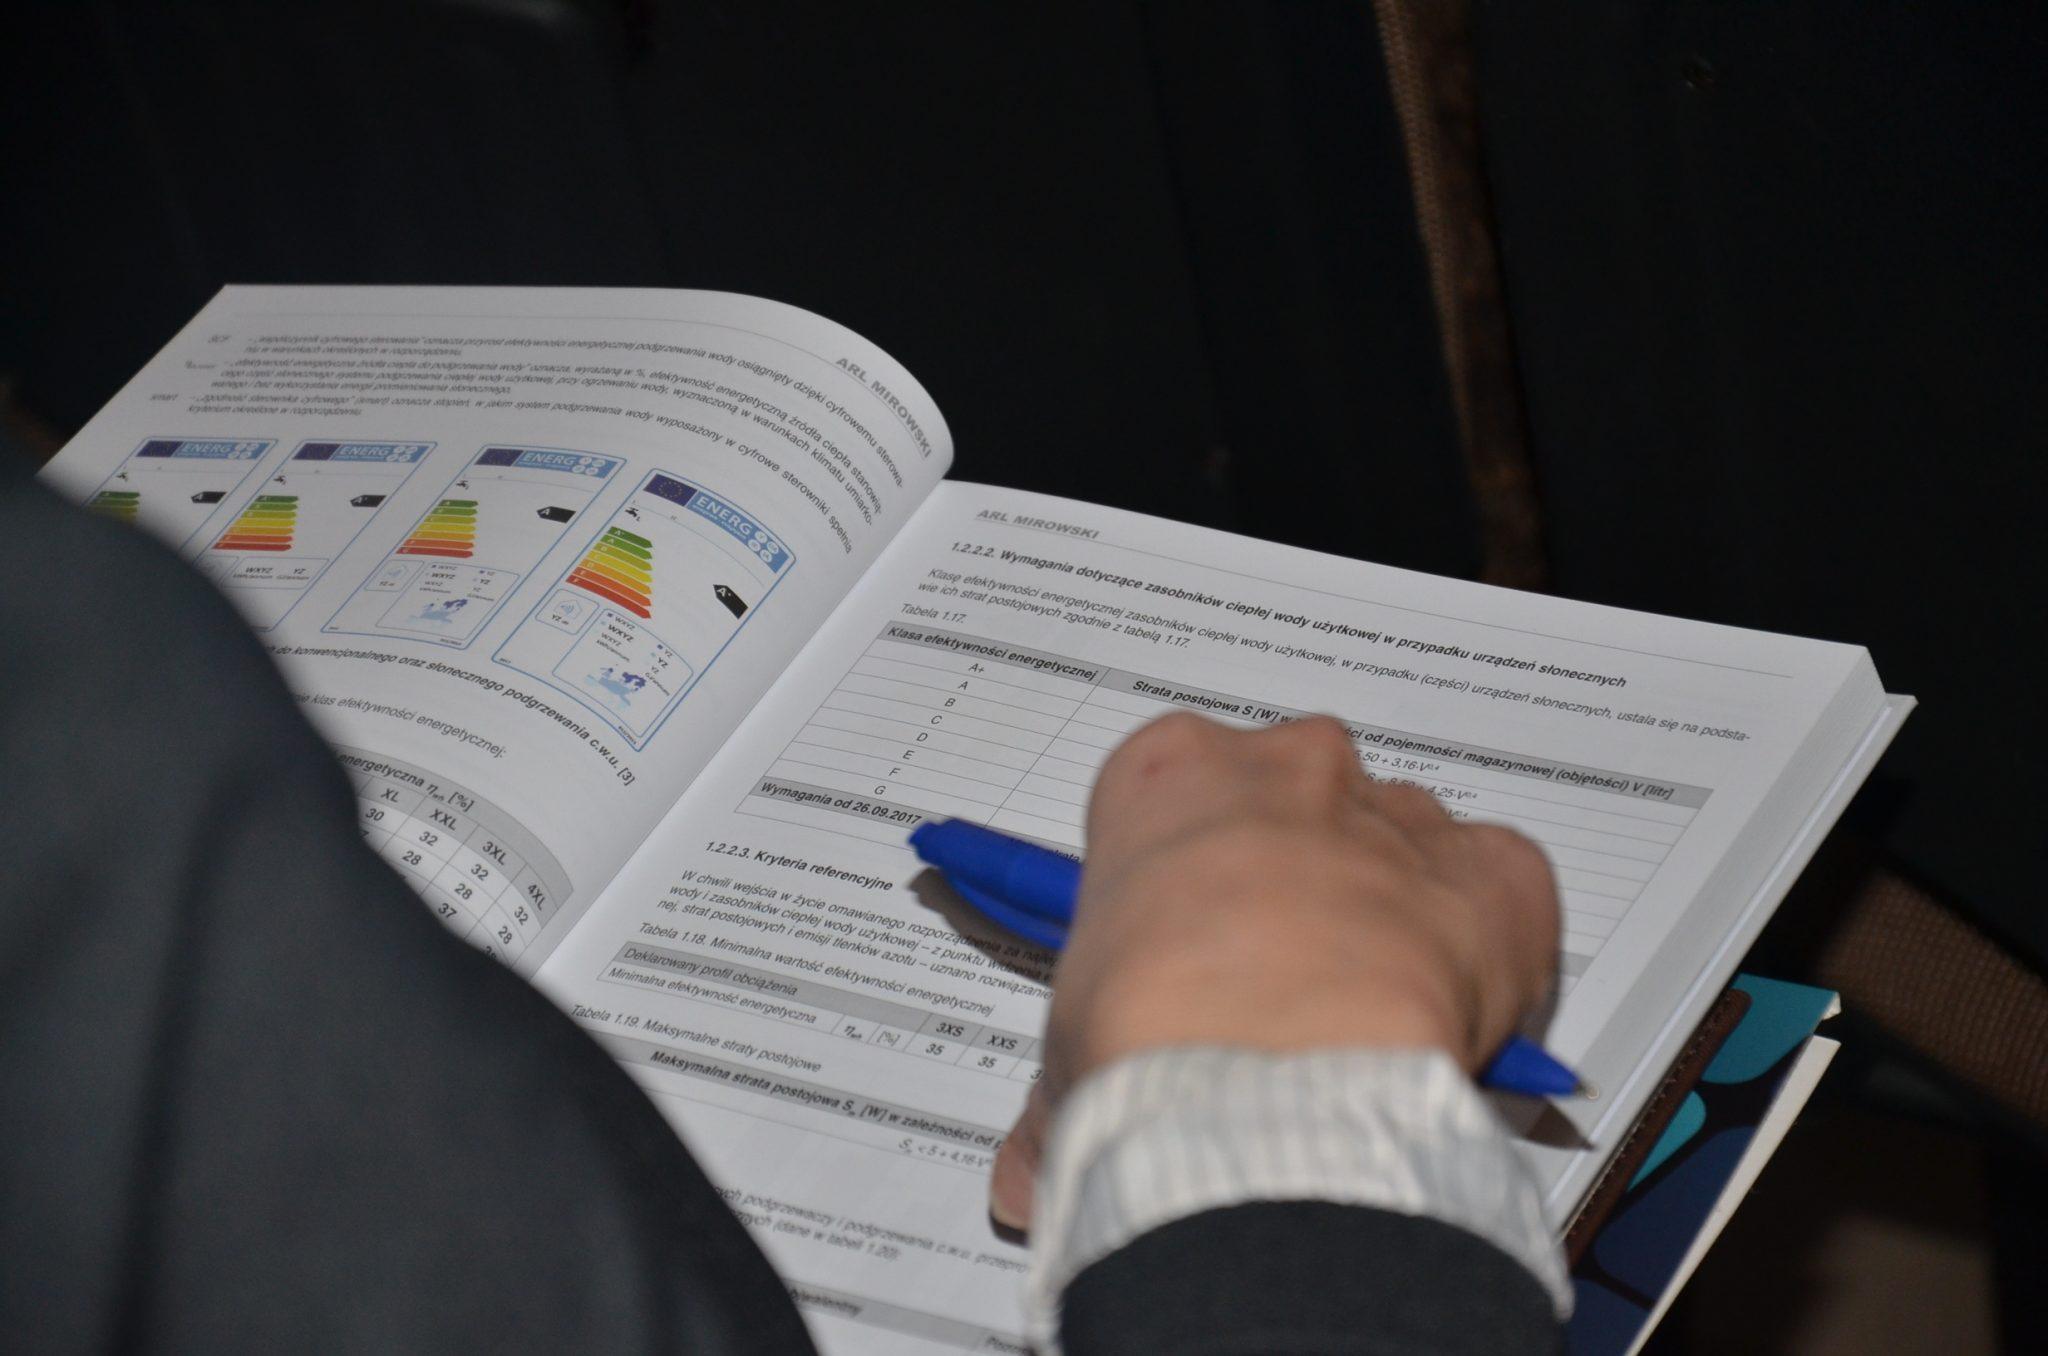 Pierwsze seminarium tematyczne - Gmina z (dobrą) energią!